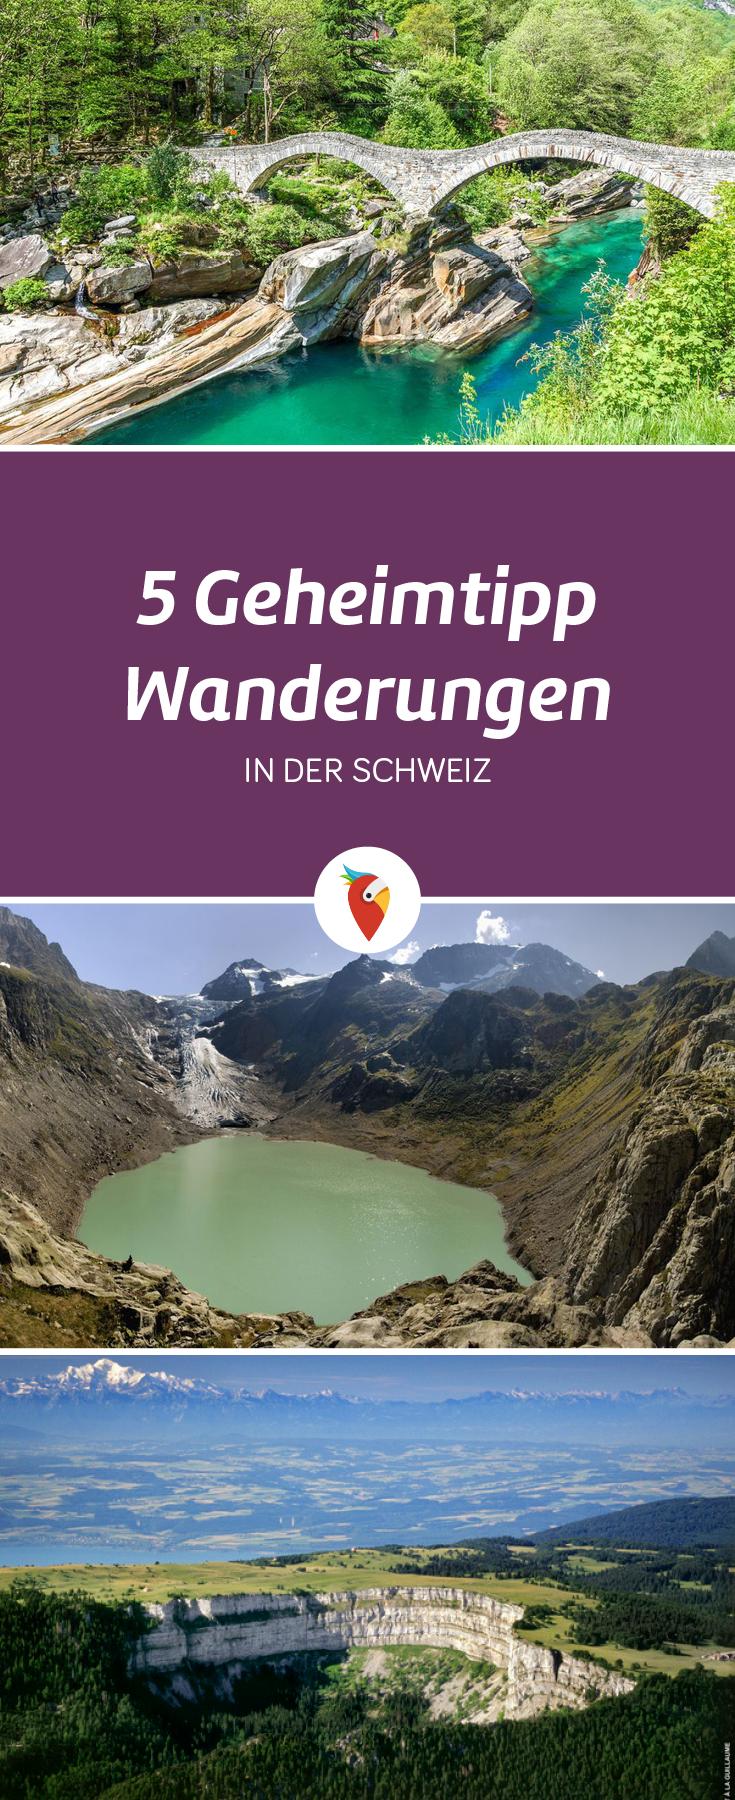 Photo of Die fünf schönsten Geheimtipp-Wanderungen in der Schweiz,  #der #die #EuropeDestinationsplace…